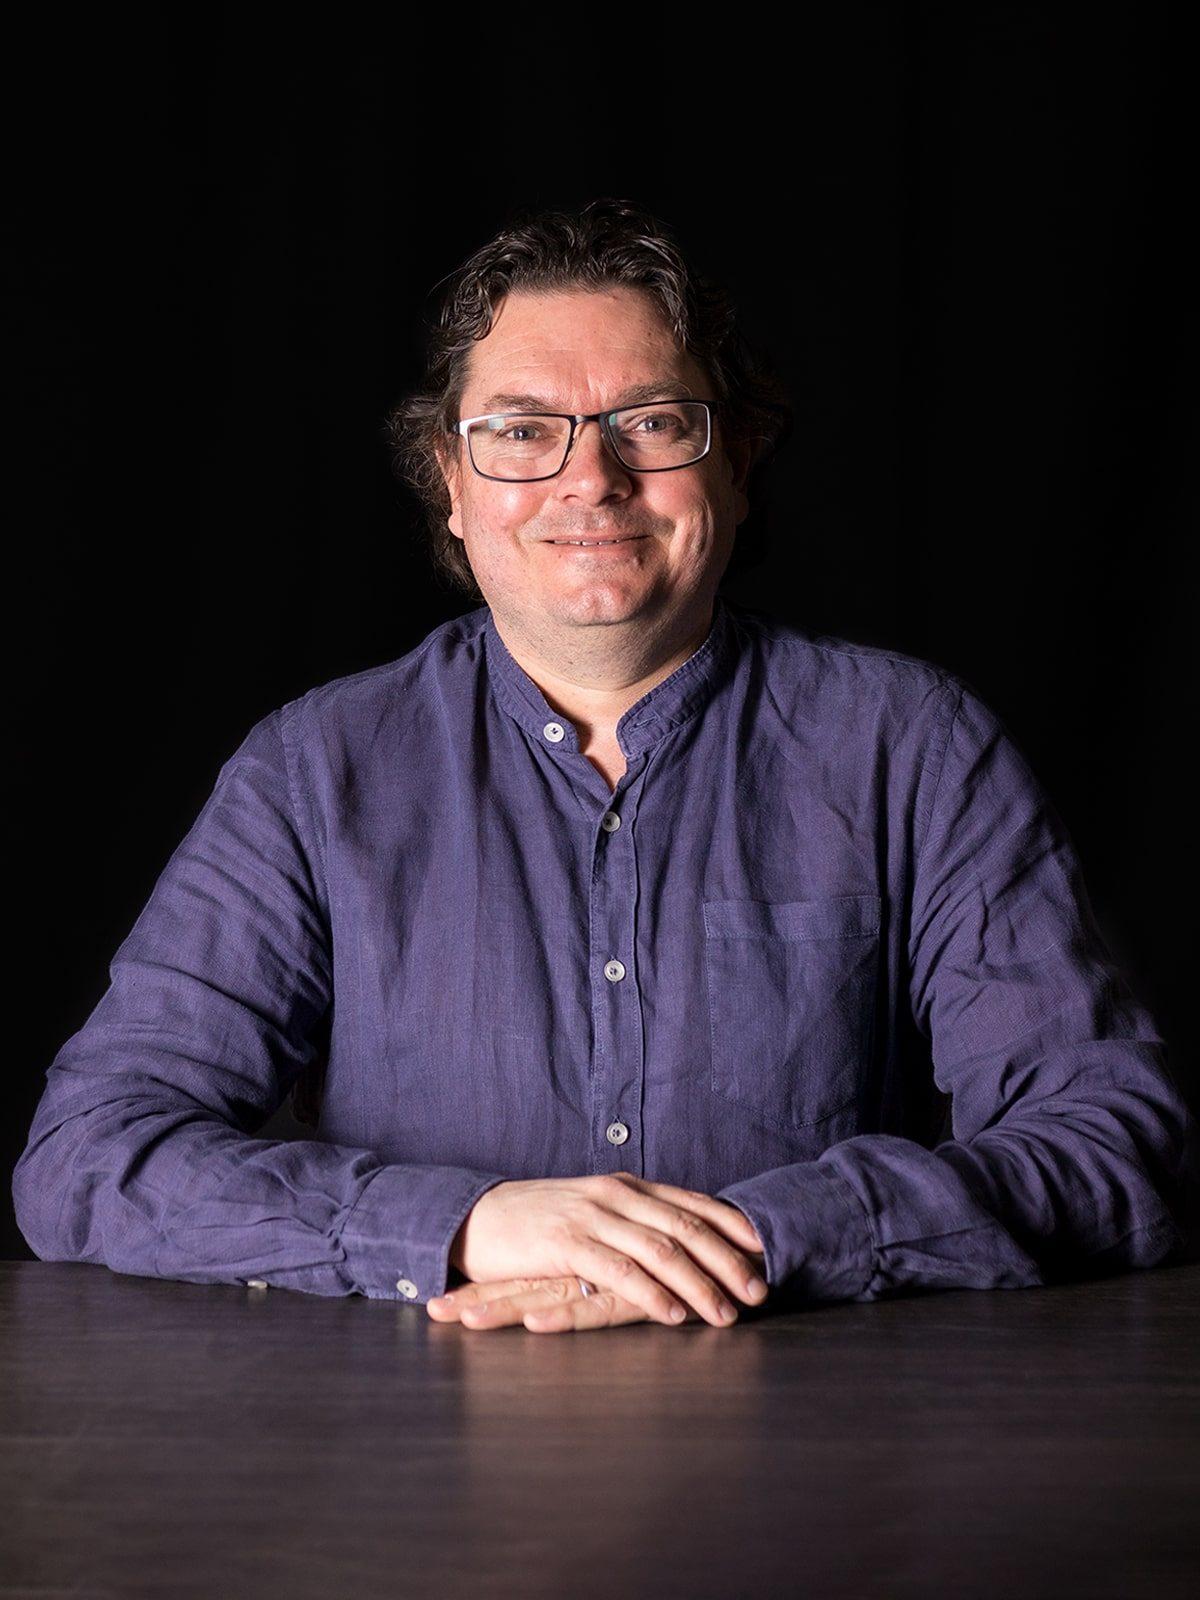 Marco Heuberger, informatik, avd goldach ag